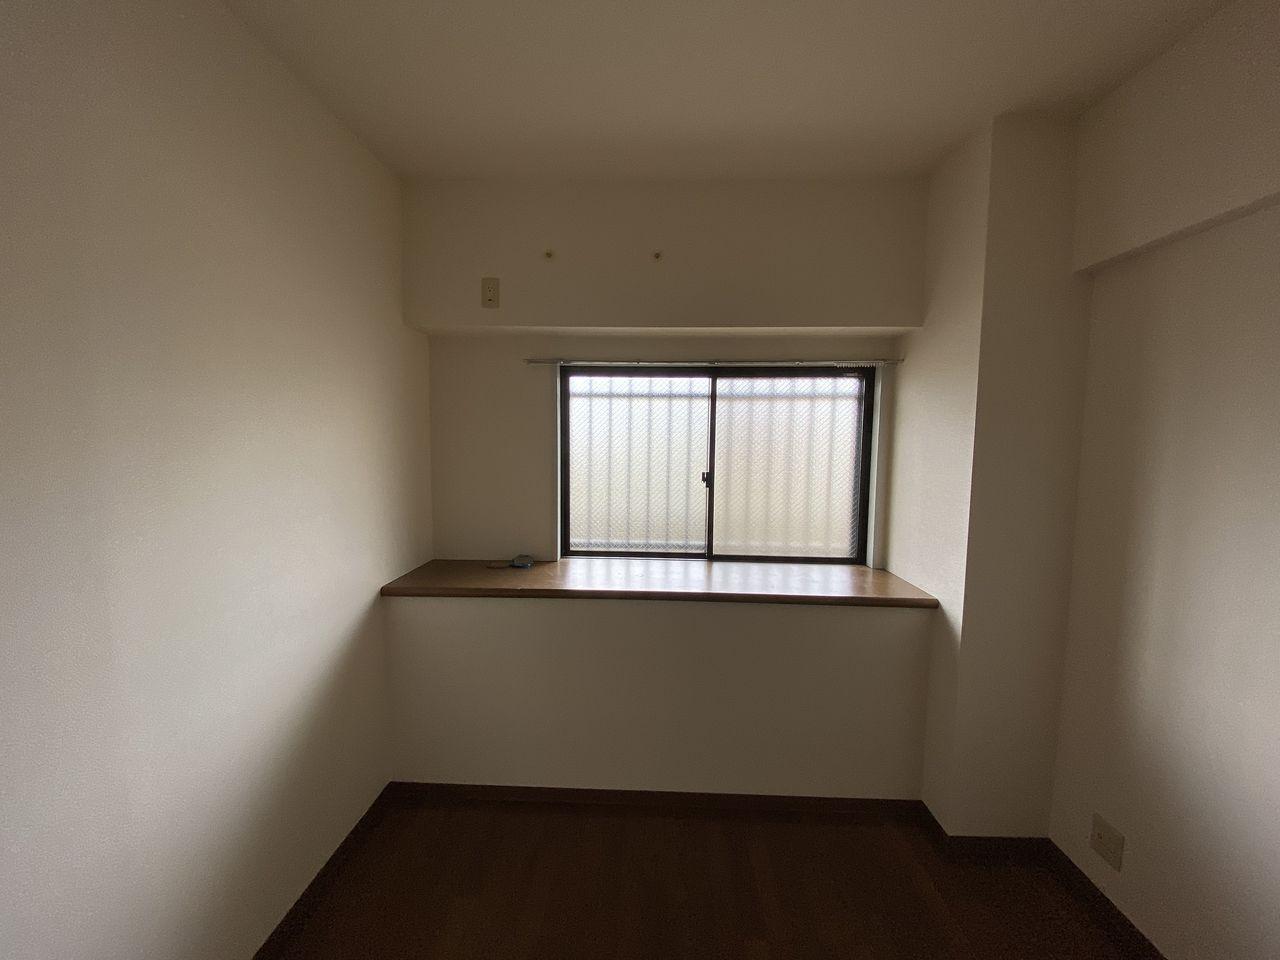 EV付たまプラーザ駅2分のマンションの第5正美ビルの玄関横洋室